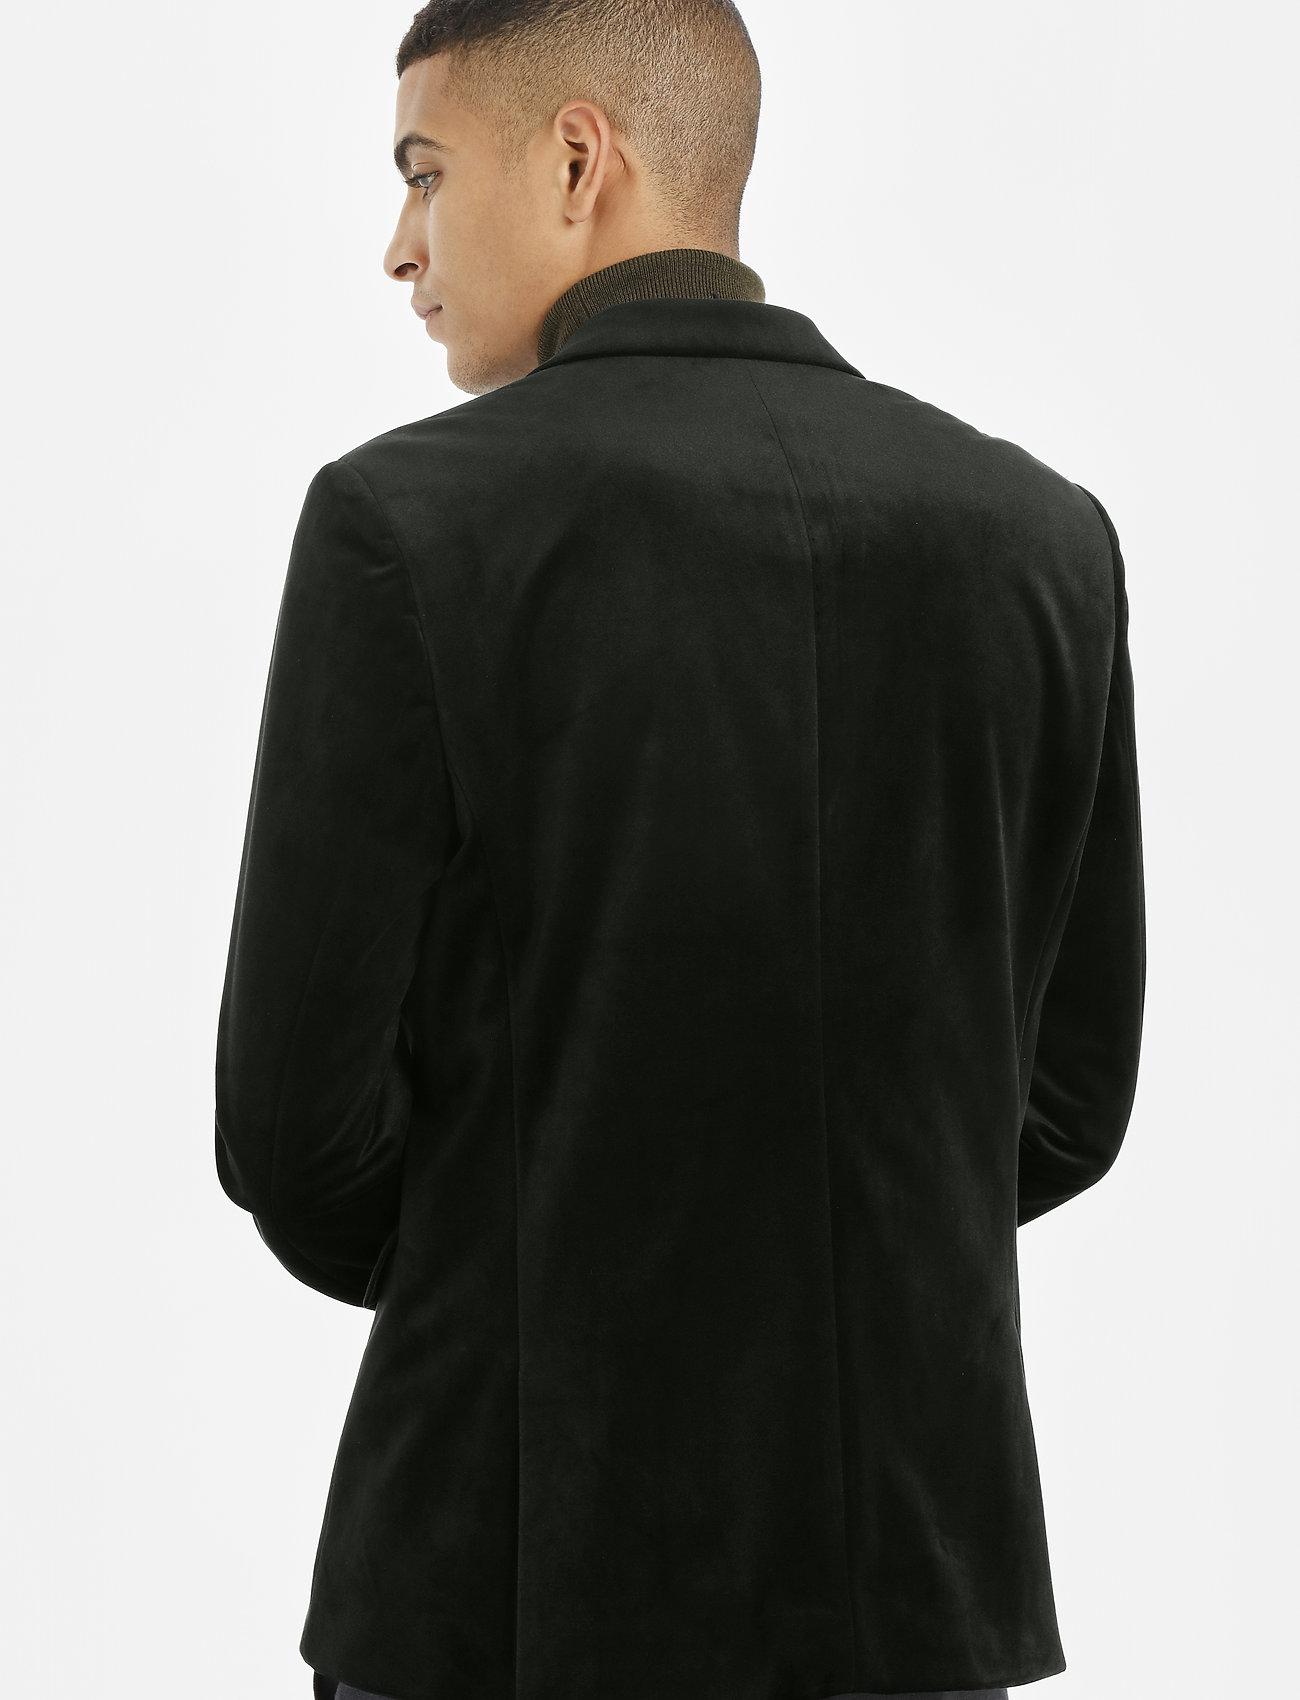 Matinique George F - Dresser & blazere BLACK - Menn Klær